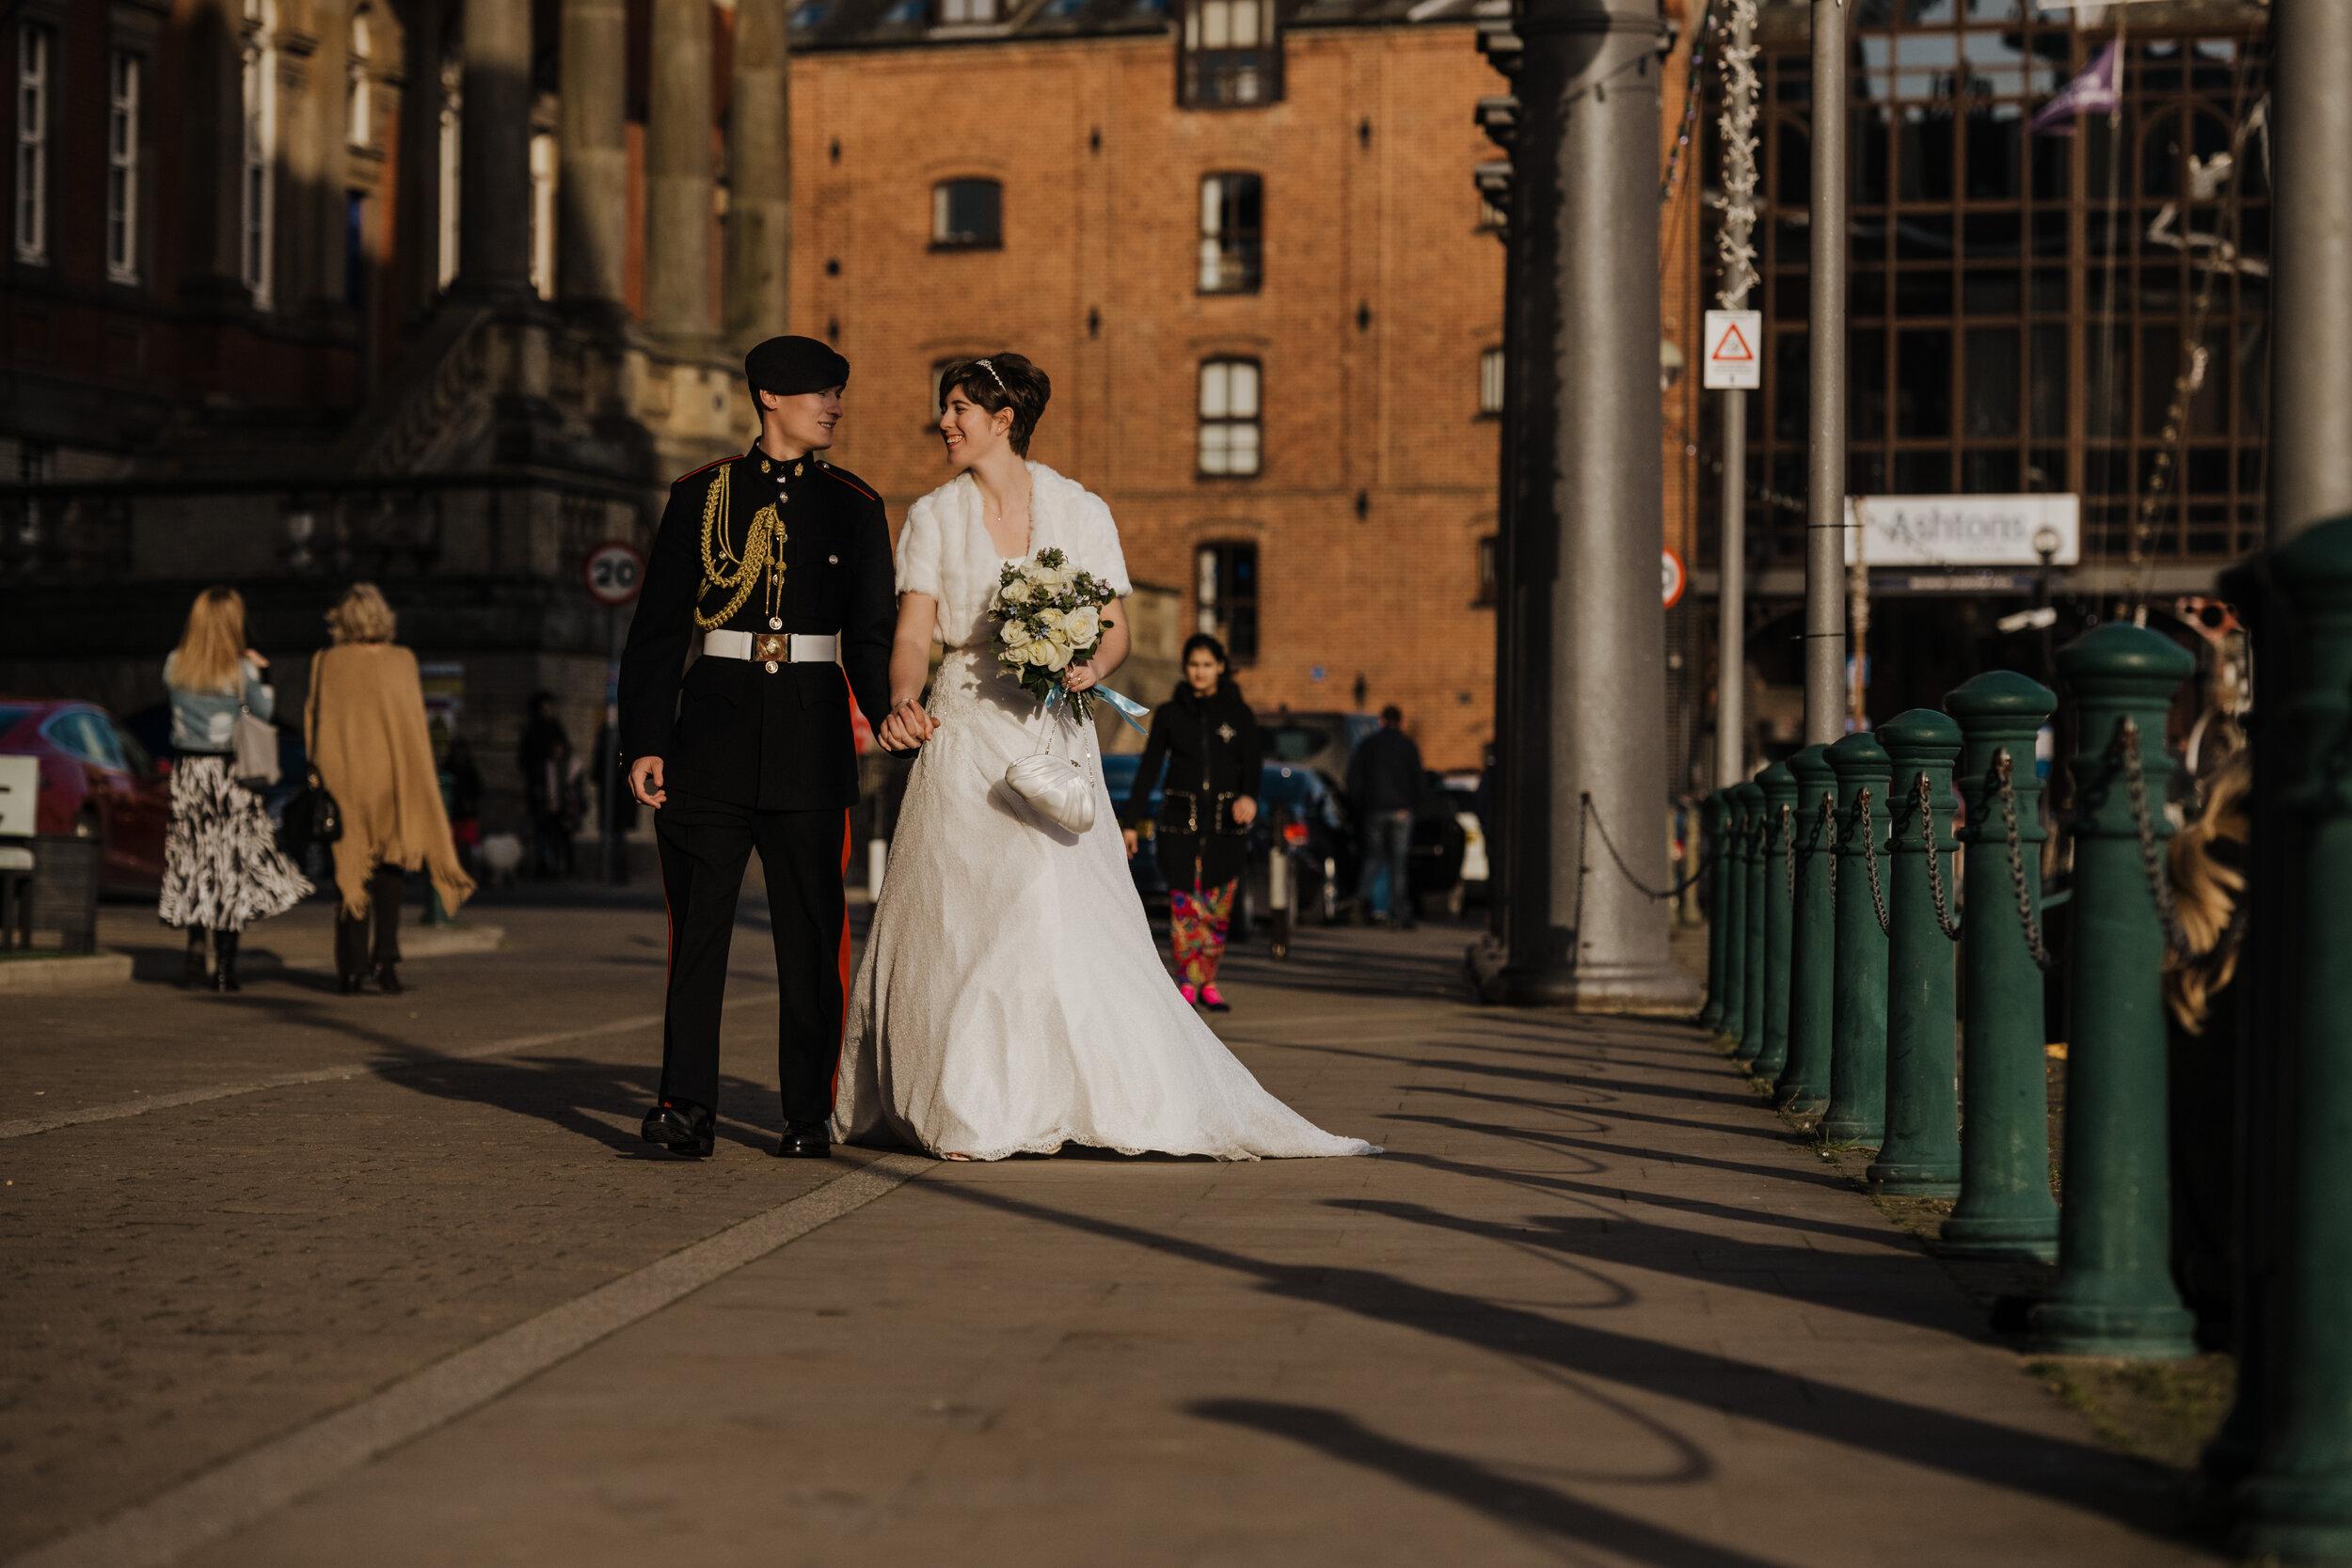 SUFFOLK_WEDDING_PHOTOGRAPHY_ISAACS_WEDDING_VENUE_WEDDINGPHOTOGRAPHERNEARME_iPSWICHWEDDINGPHOTOGRAPHER (54).jpg